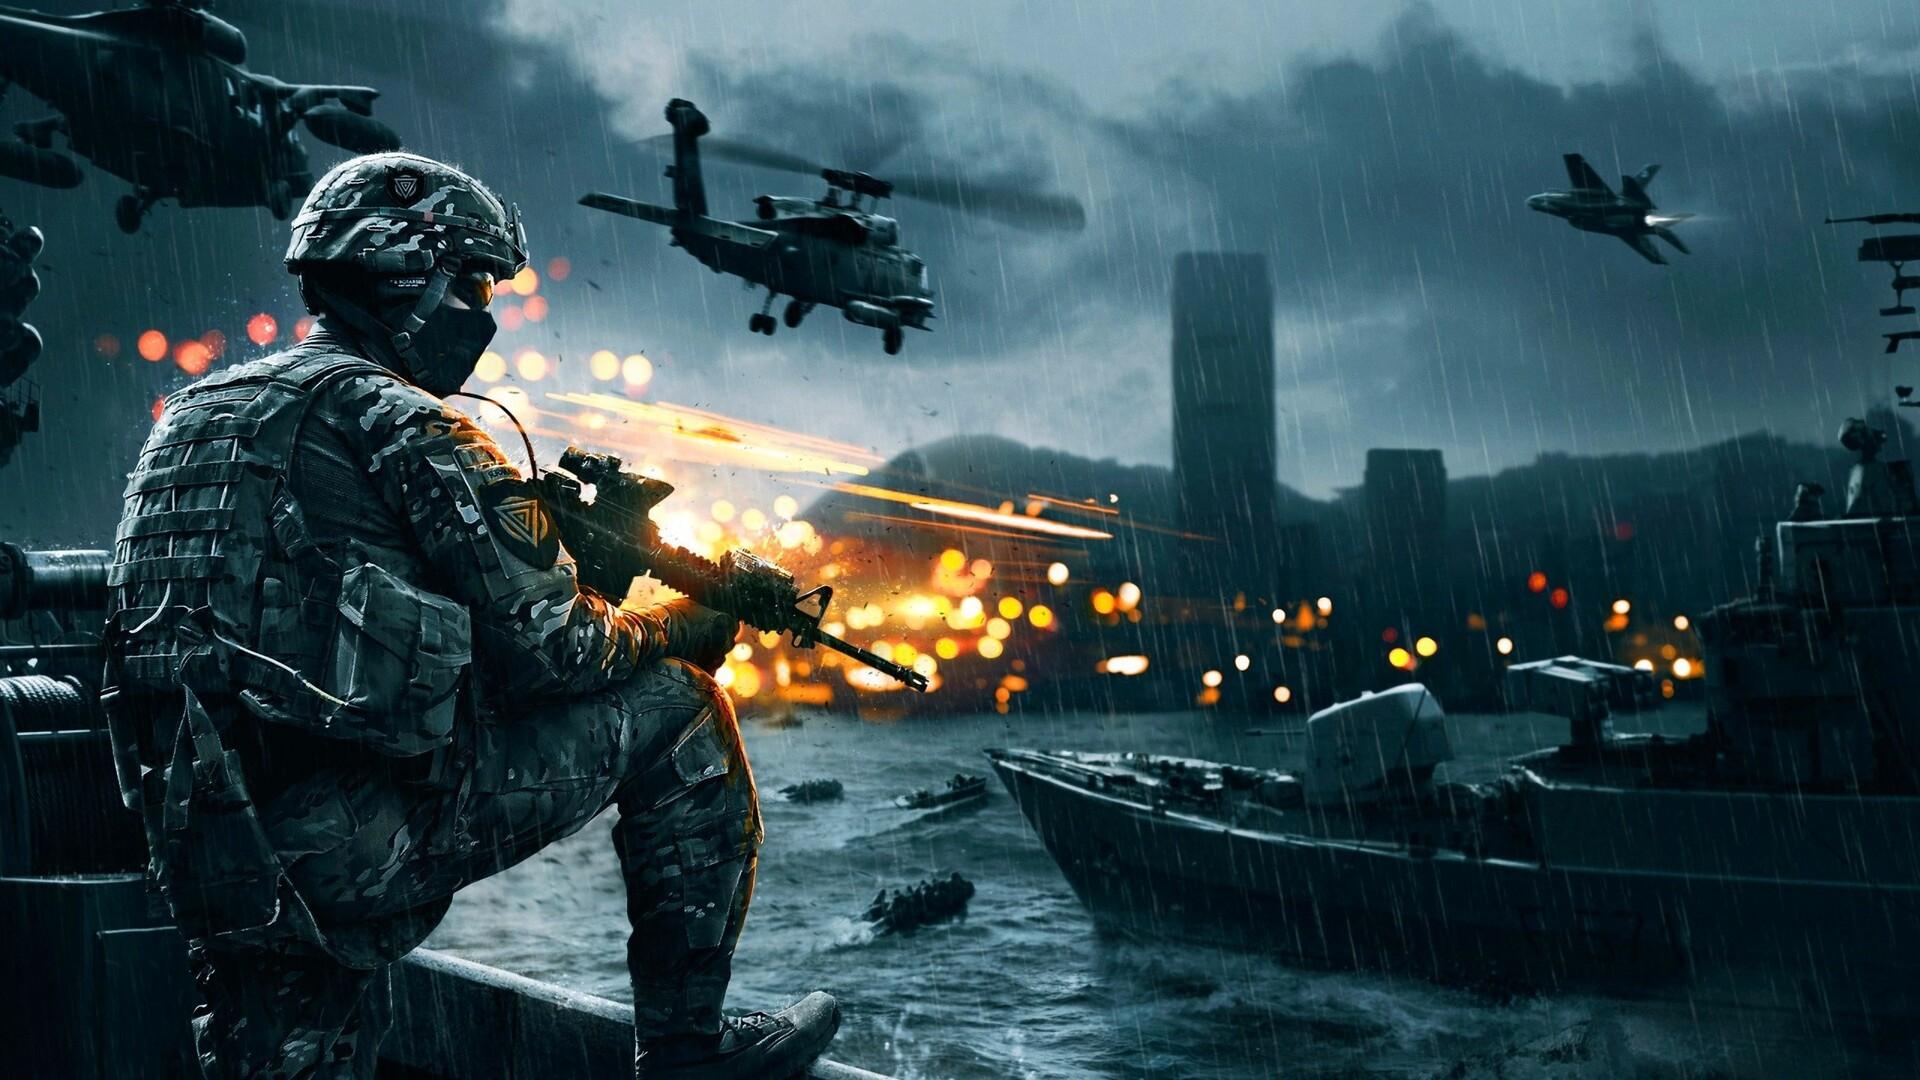 Download Wallpaper 1280x1280 Battlefield 4 Game Ea: 1920x1080 Battlefield 4 Laptop Full HD 1080P HD 4k